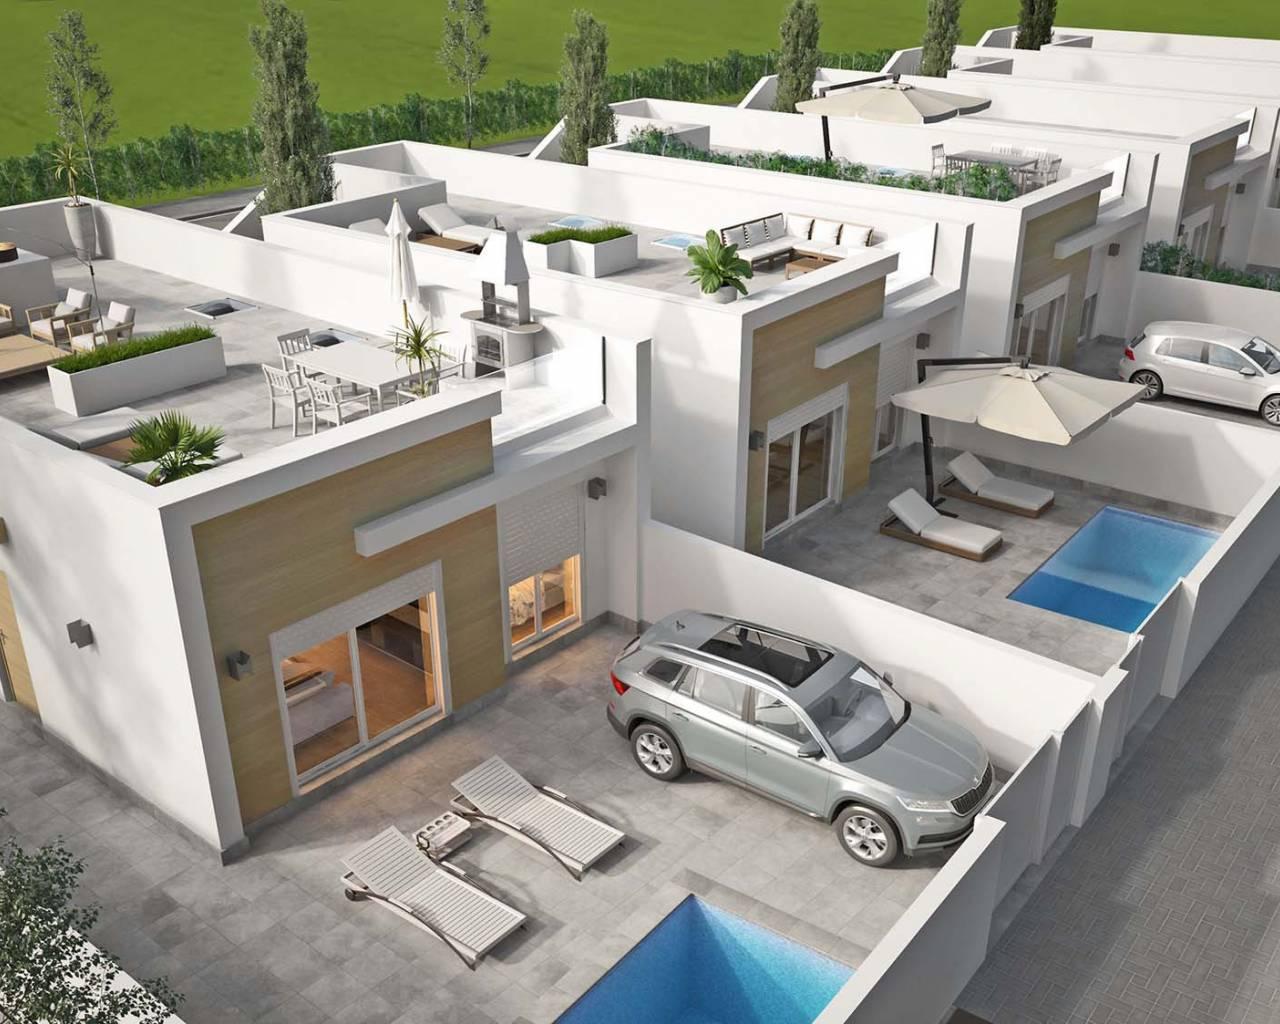 nieuwbouw-vrijstaande-villa-avileses-dorps-centrum_5512_xl